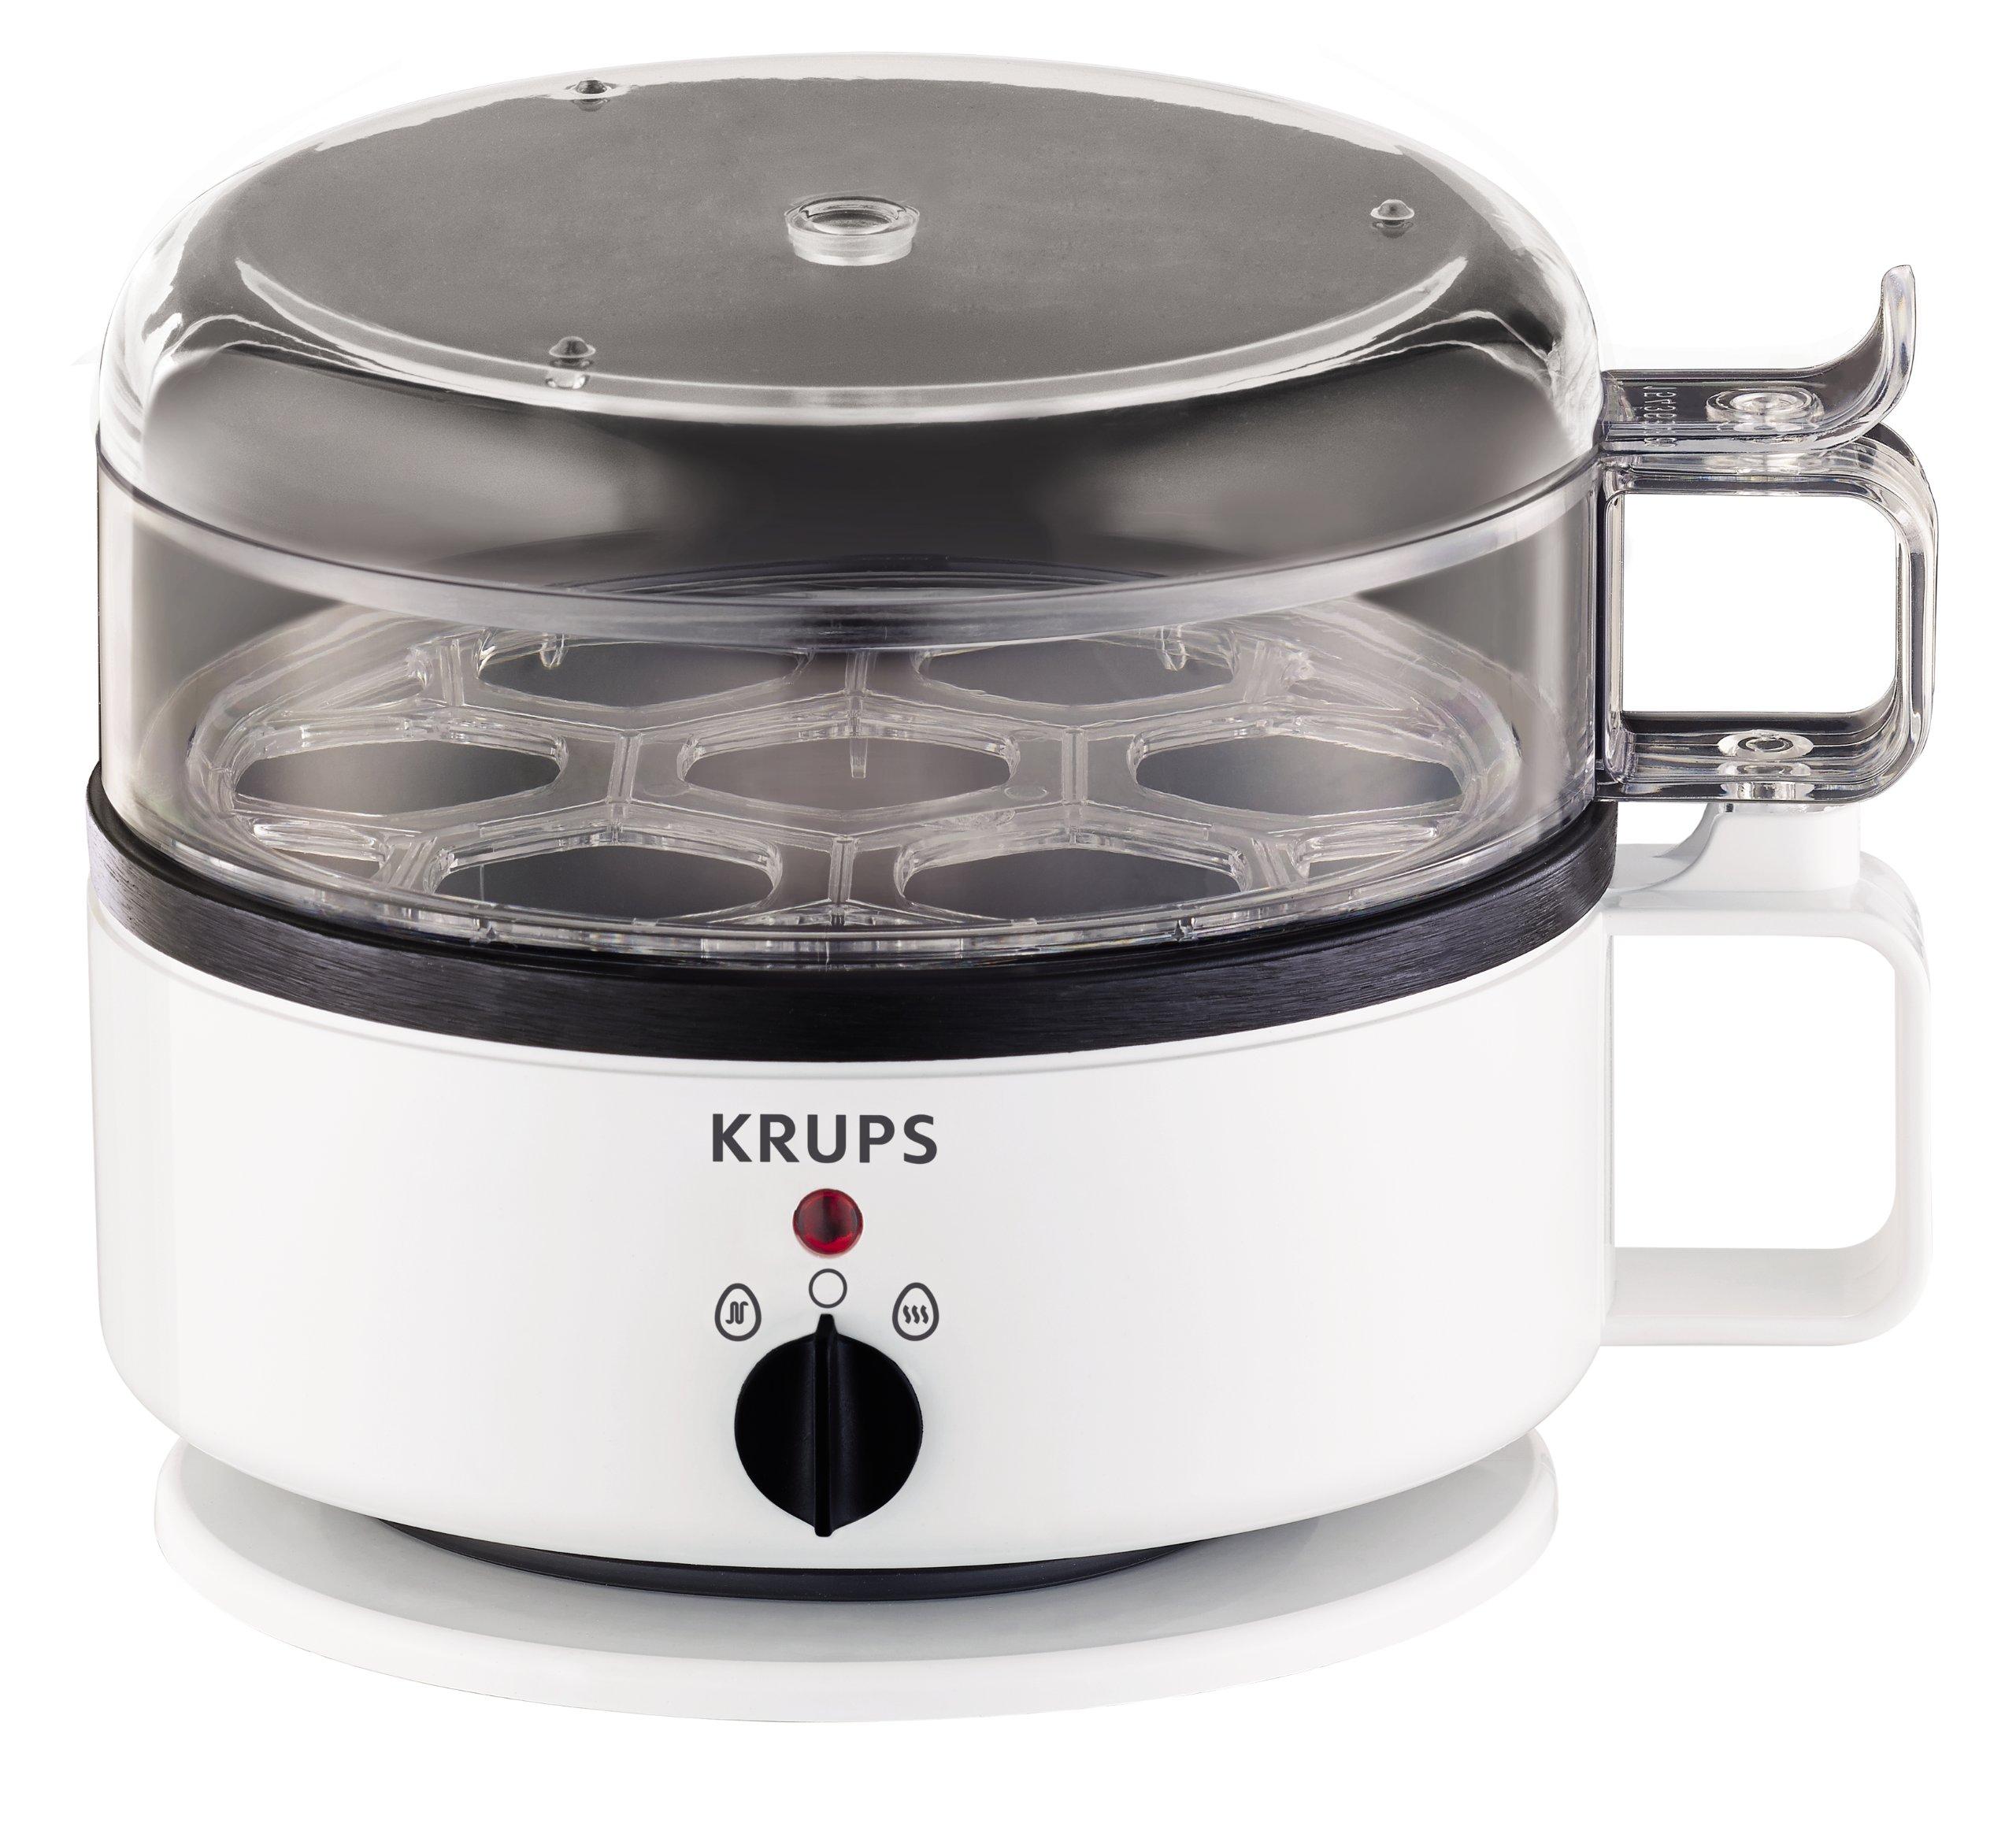 81sZF7fqTOL - Krups F 230 70 egg boiler Ovomat Super